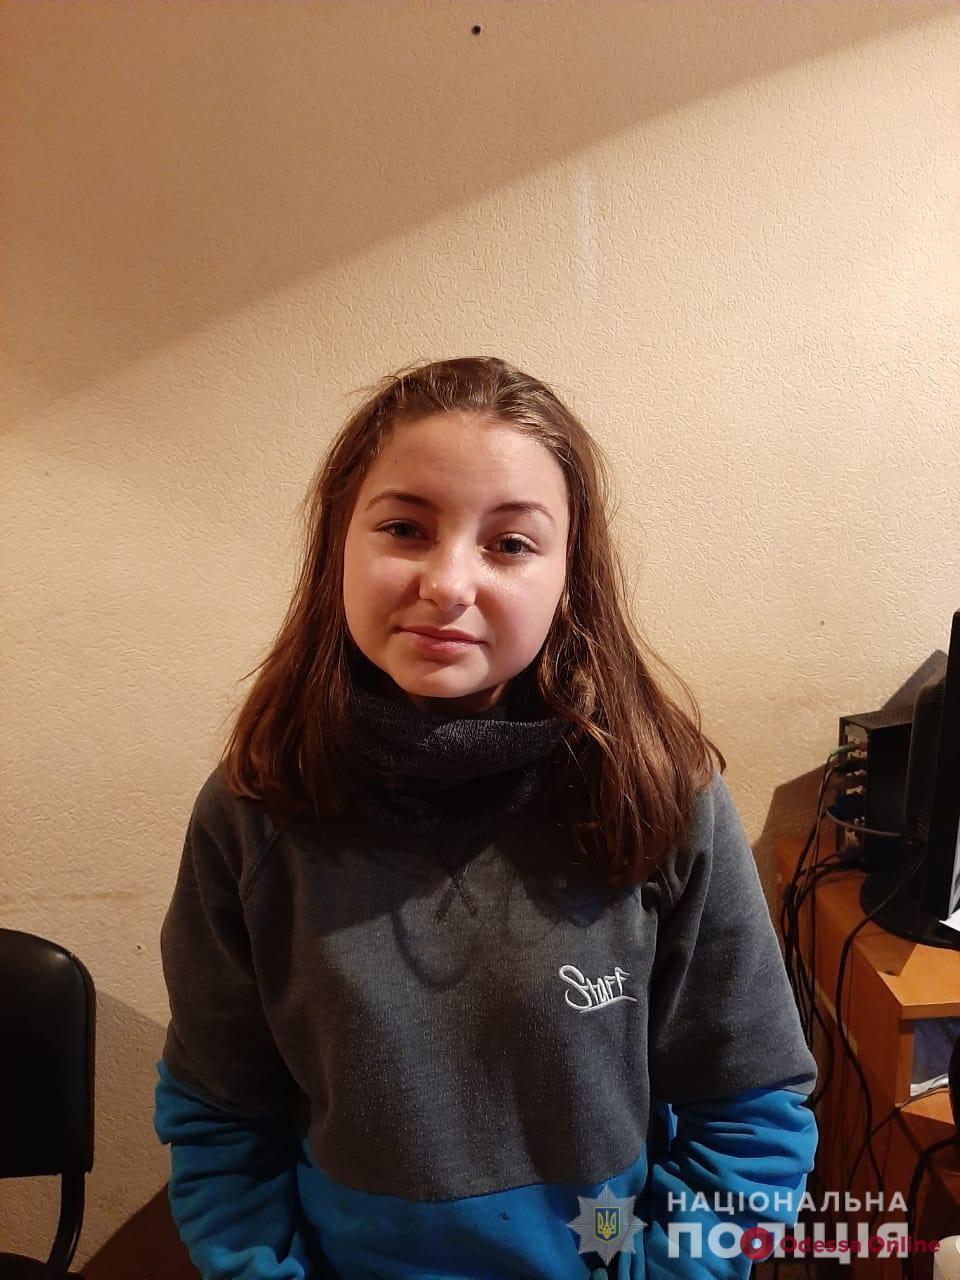 Из одесского приюта сбежала 13-летняя воспитанница